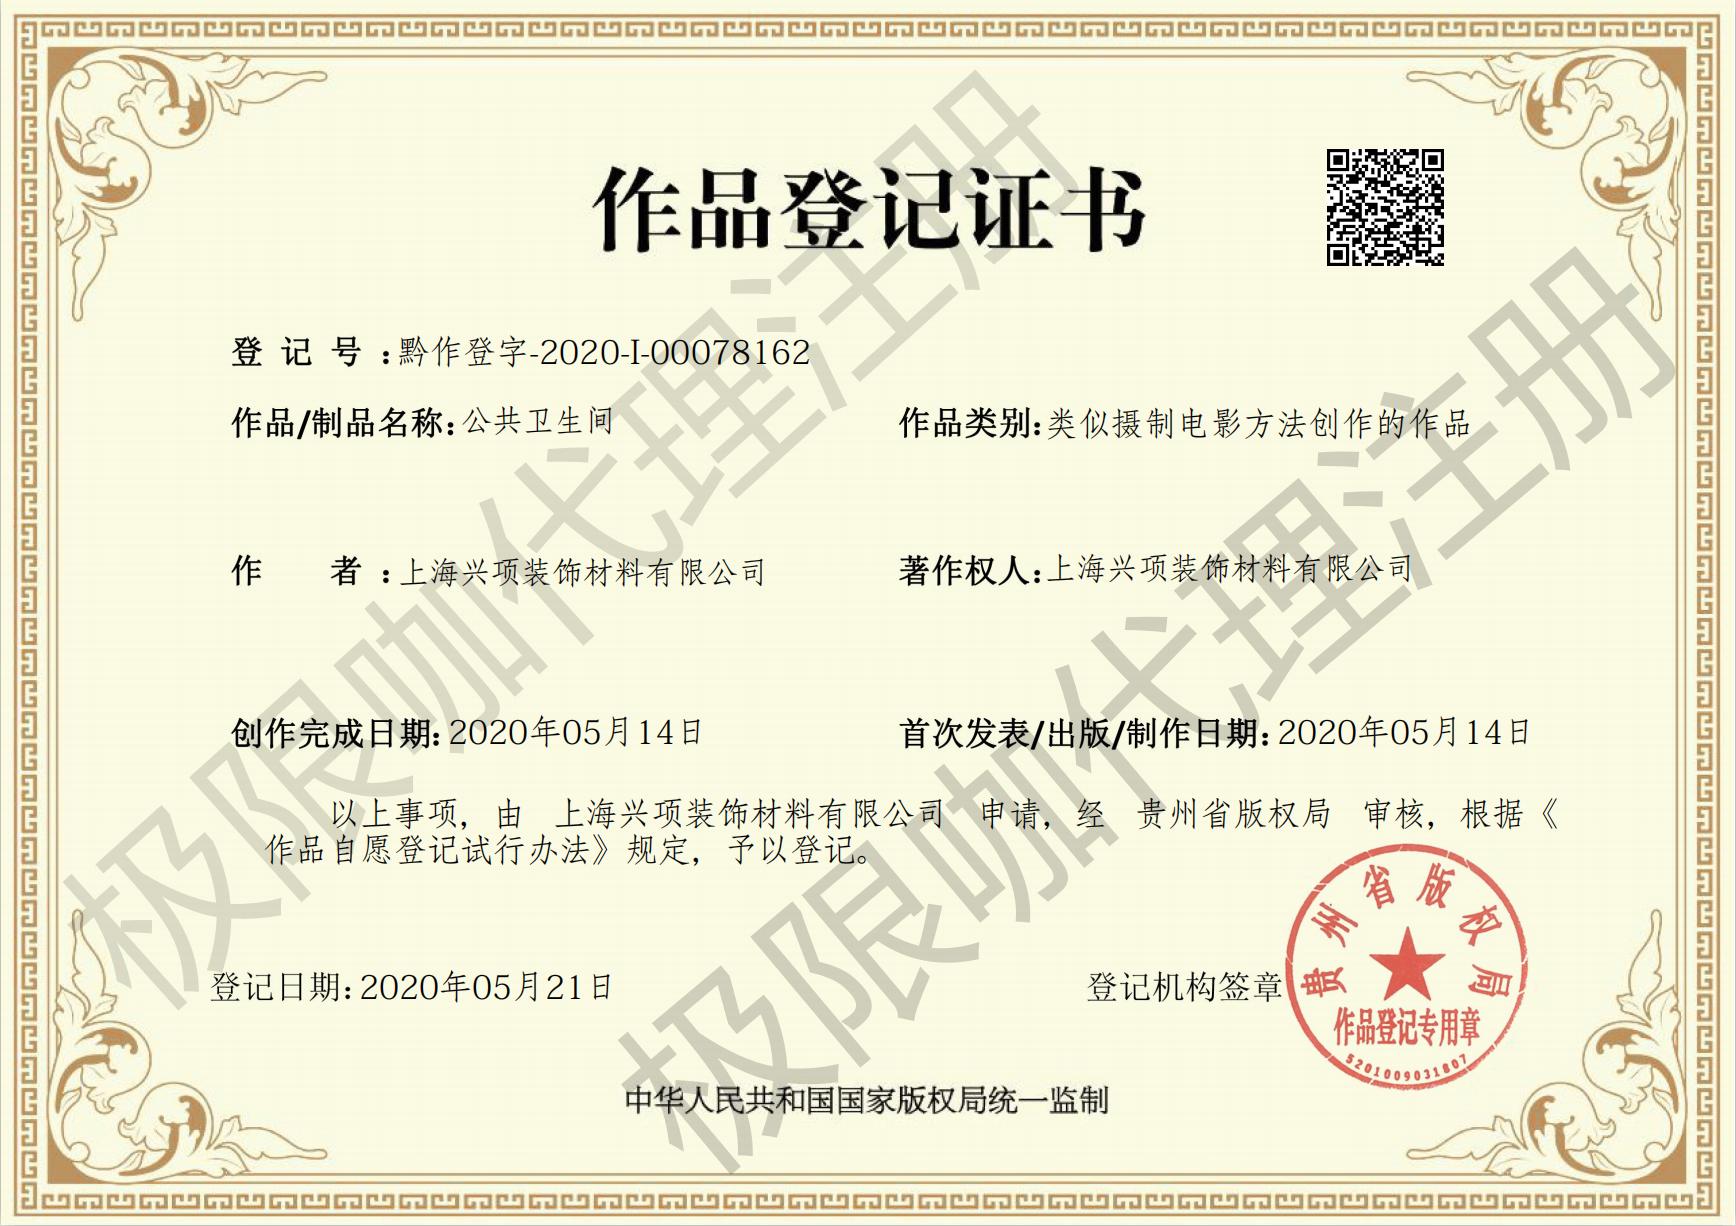 作品/软著版权登记